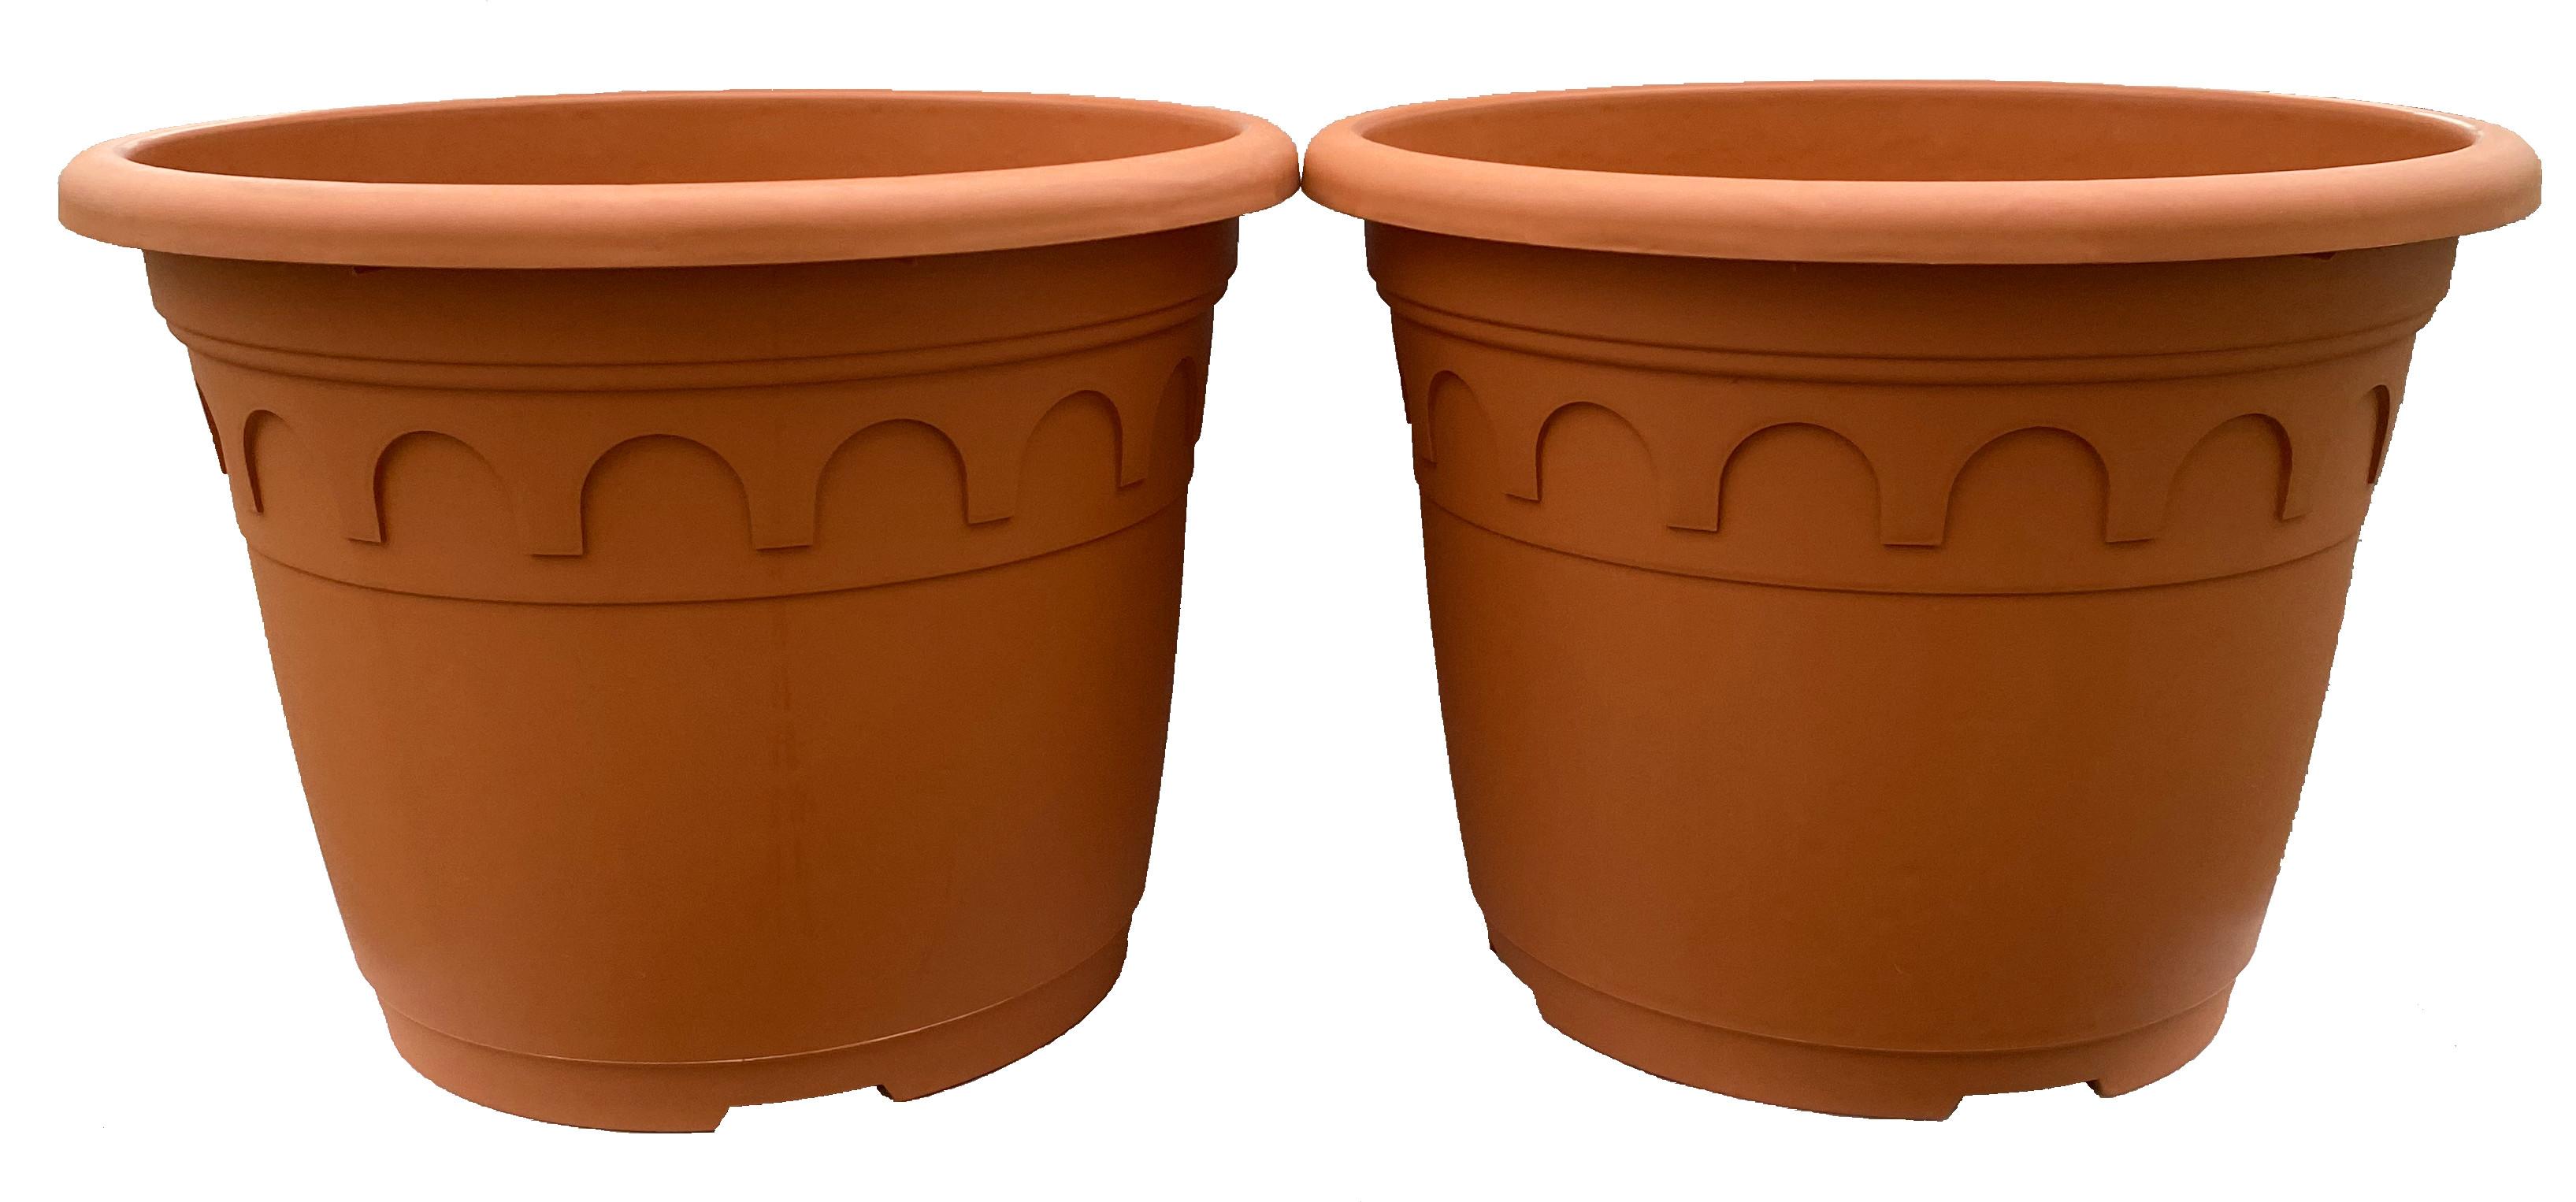 2 x Romatopf Kunststoff Terrakotta-Optik 15 Liter